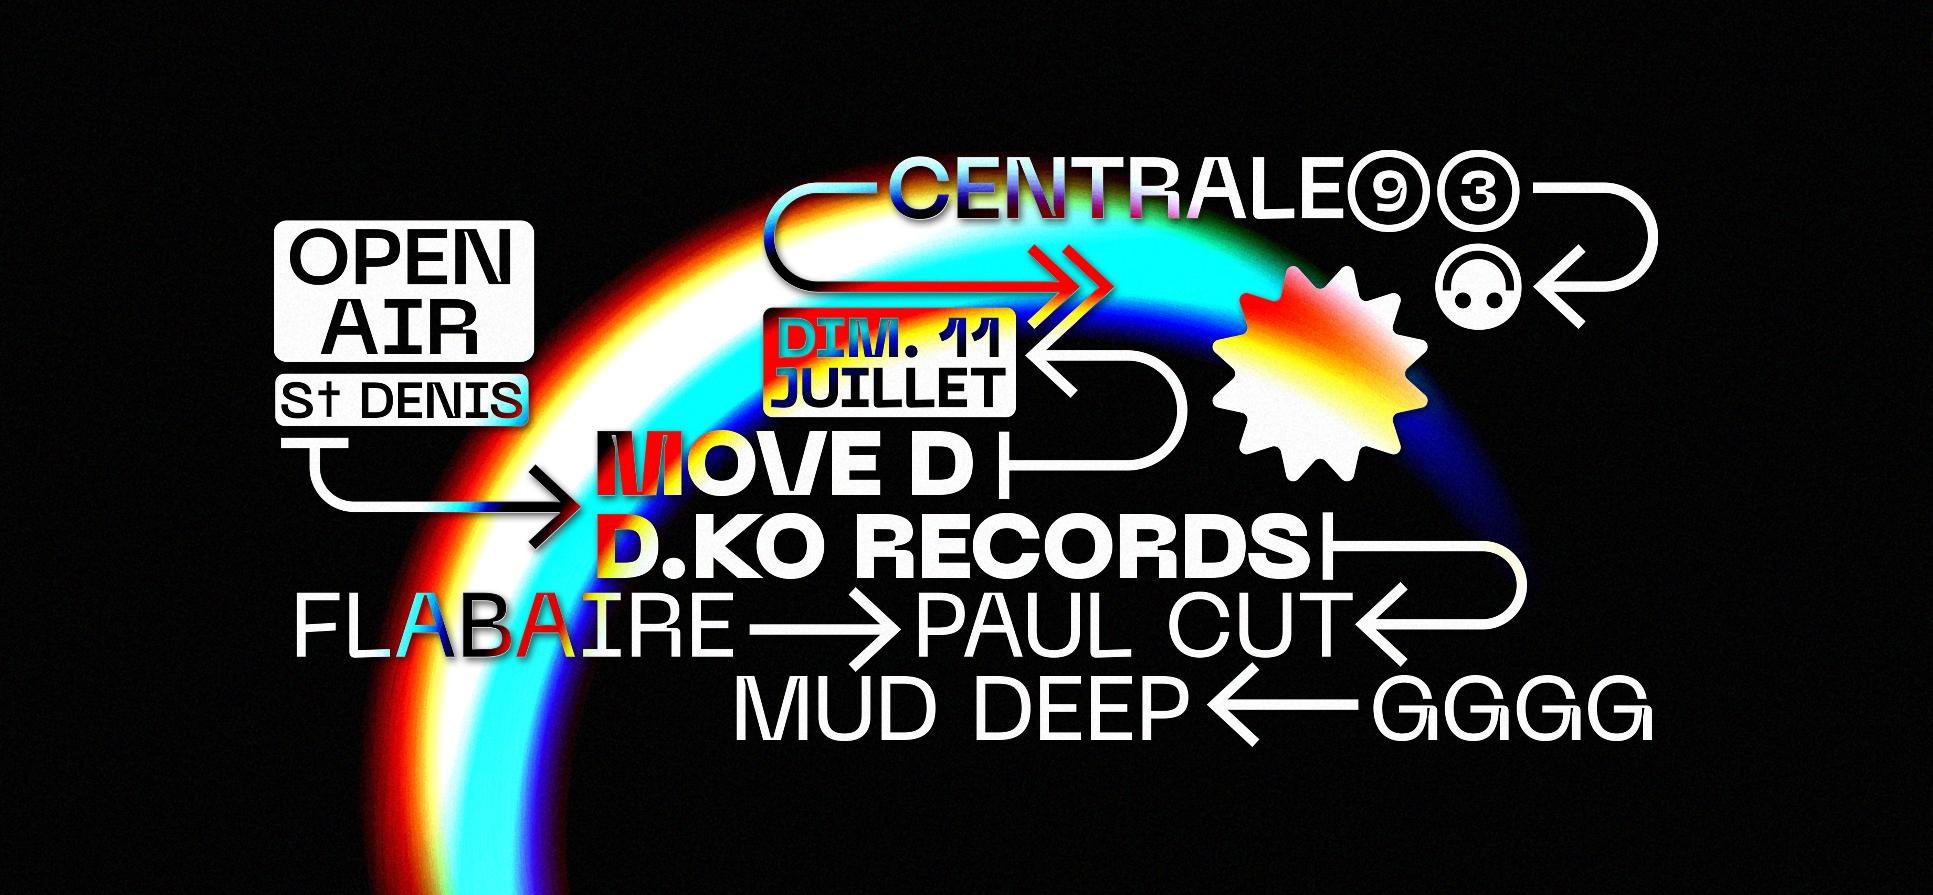 Centrale93 : Move D & D.KO